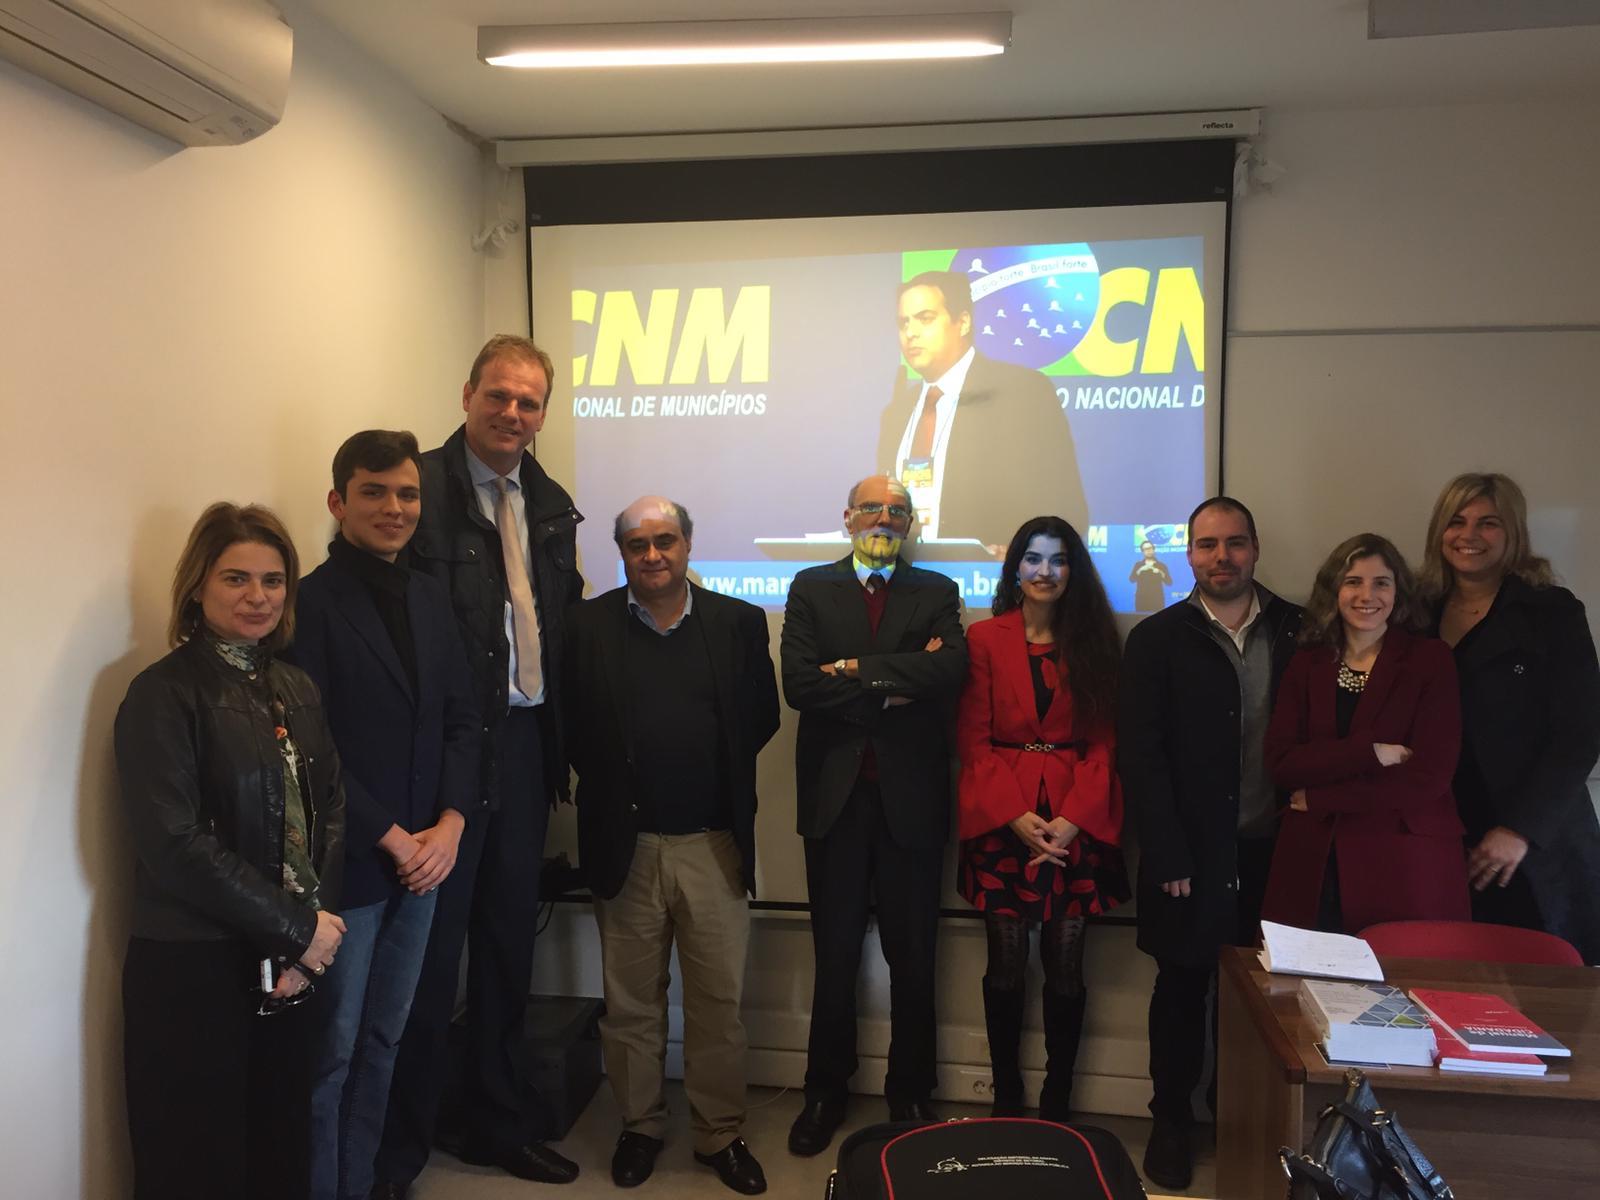 Evento municipalista foi acompanhado por acadêmicos de Portugal e da Espanha